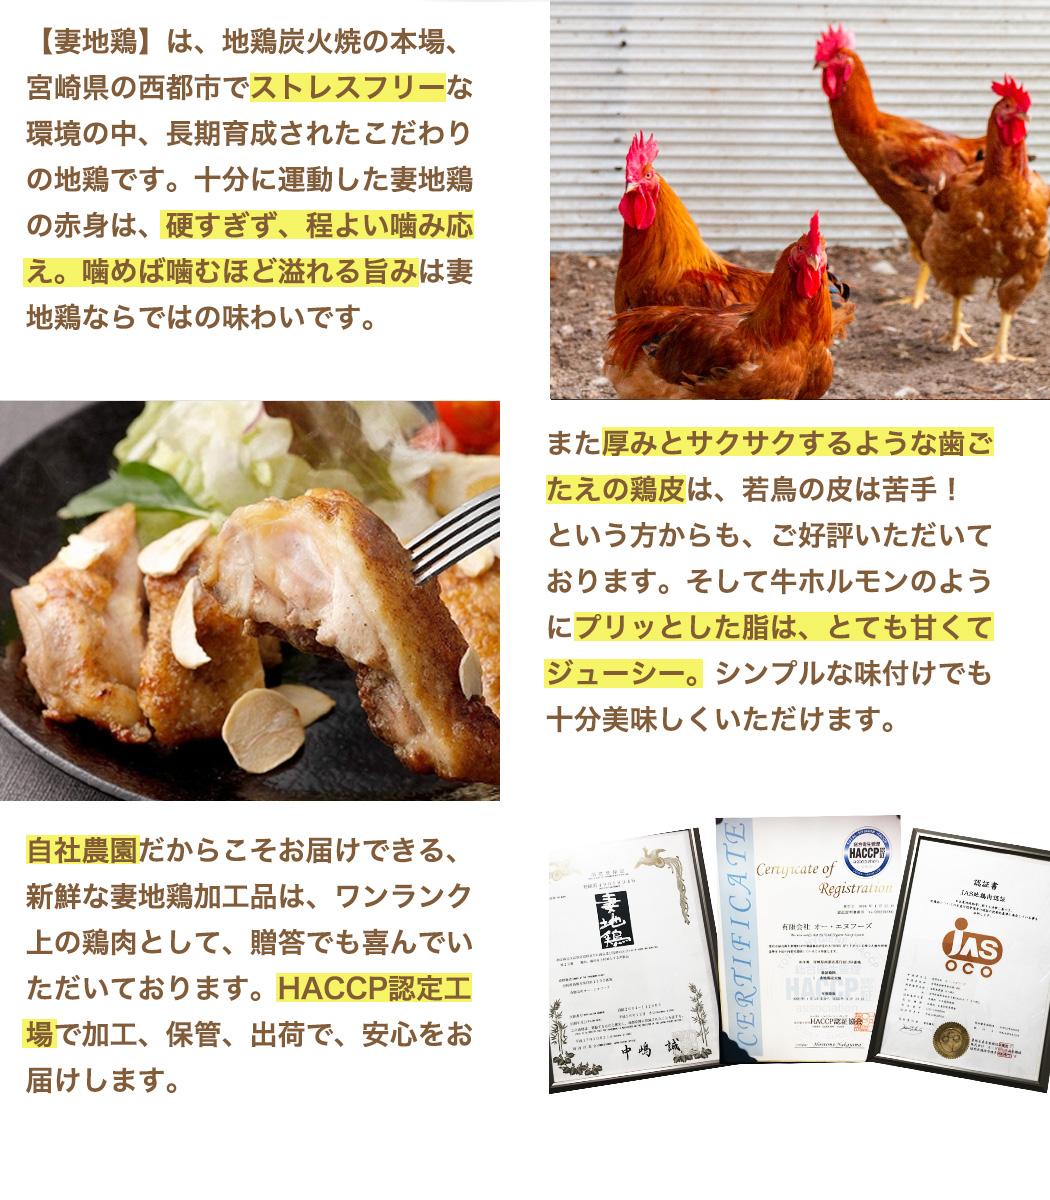 【妻地鶏】は、地鶏炭火焼の本場、宮崎県の西都市でストレスフリーな環境の中、長期育成されたこだわりの地鶏です。十分に運動した妻地鶏の赤身は、硬すぎず、程よい噛み応え。噛めば噛むほど溢れる旨みは妻地鶏ならではの味わいです。